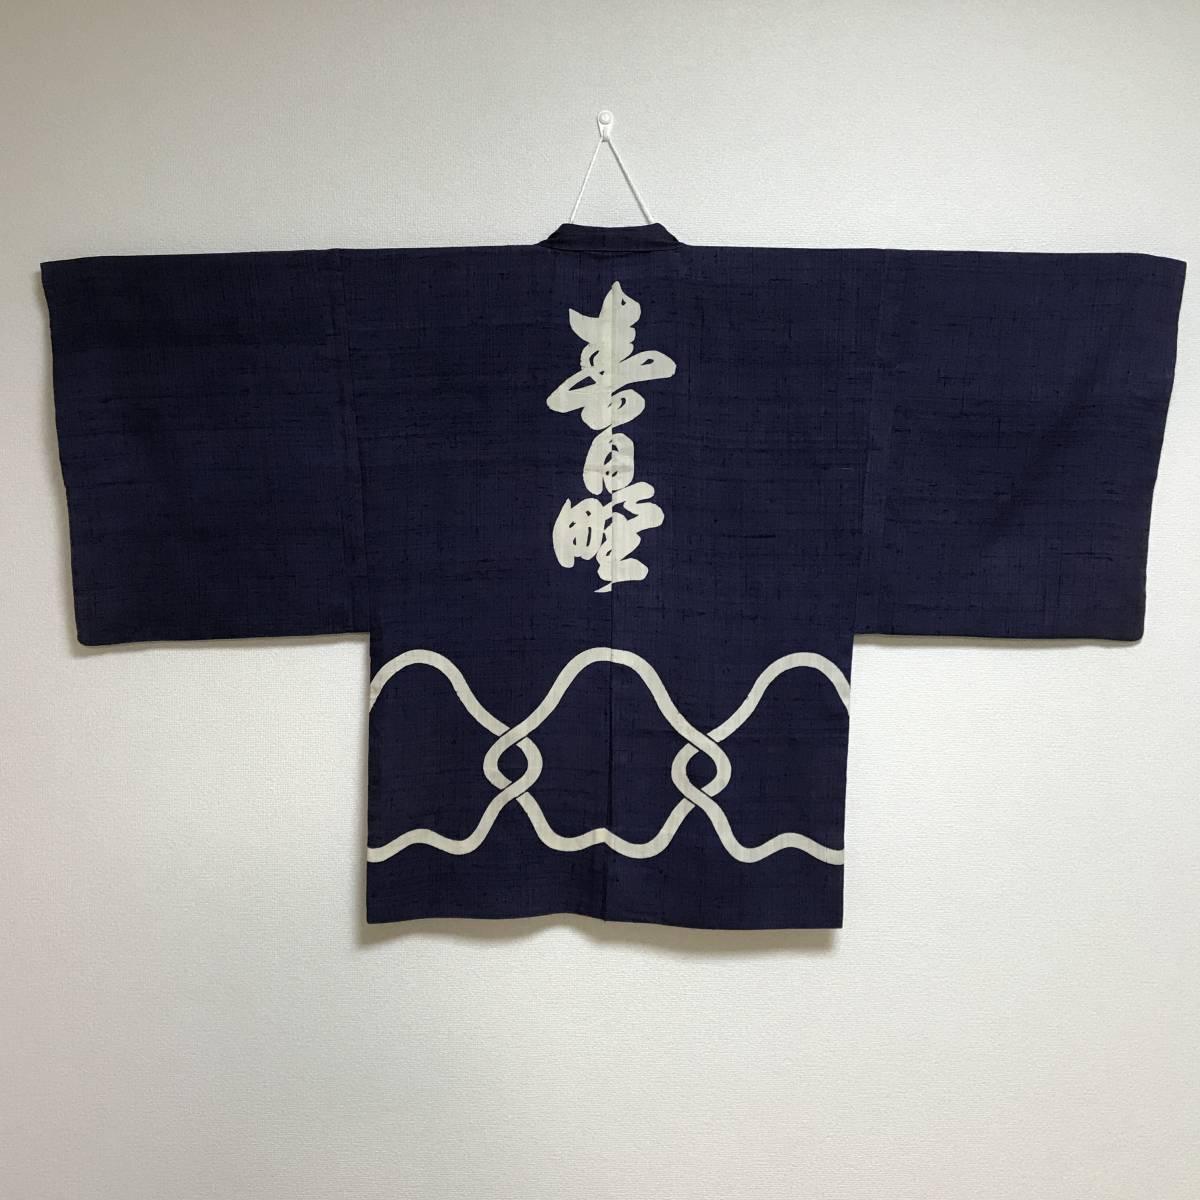 ◆激レア◆大相撲 呼出しさんの衣装 羽織り『春日野』紫色(相撲 呼び出し 行司 衣装 着物 和服 男性 珍品 レア)_画像8